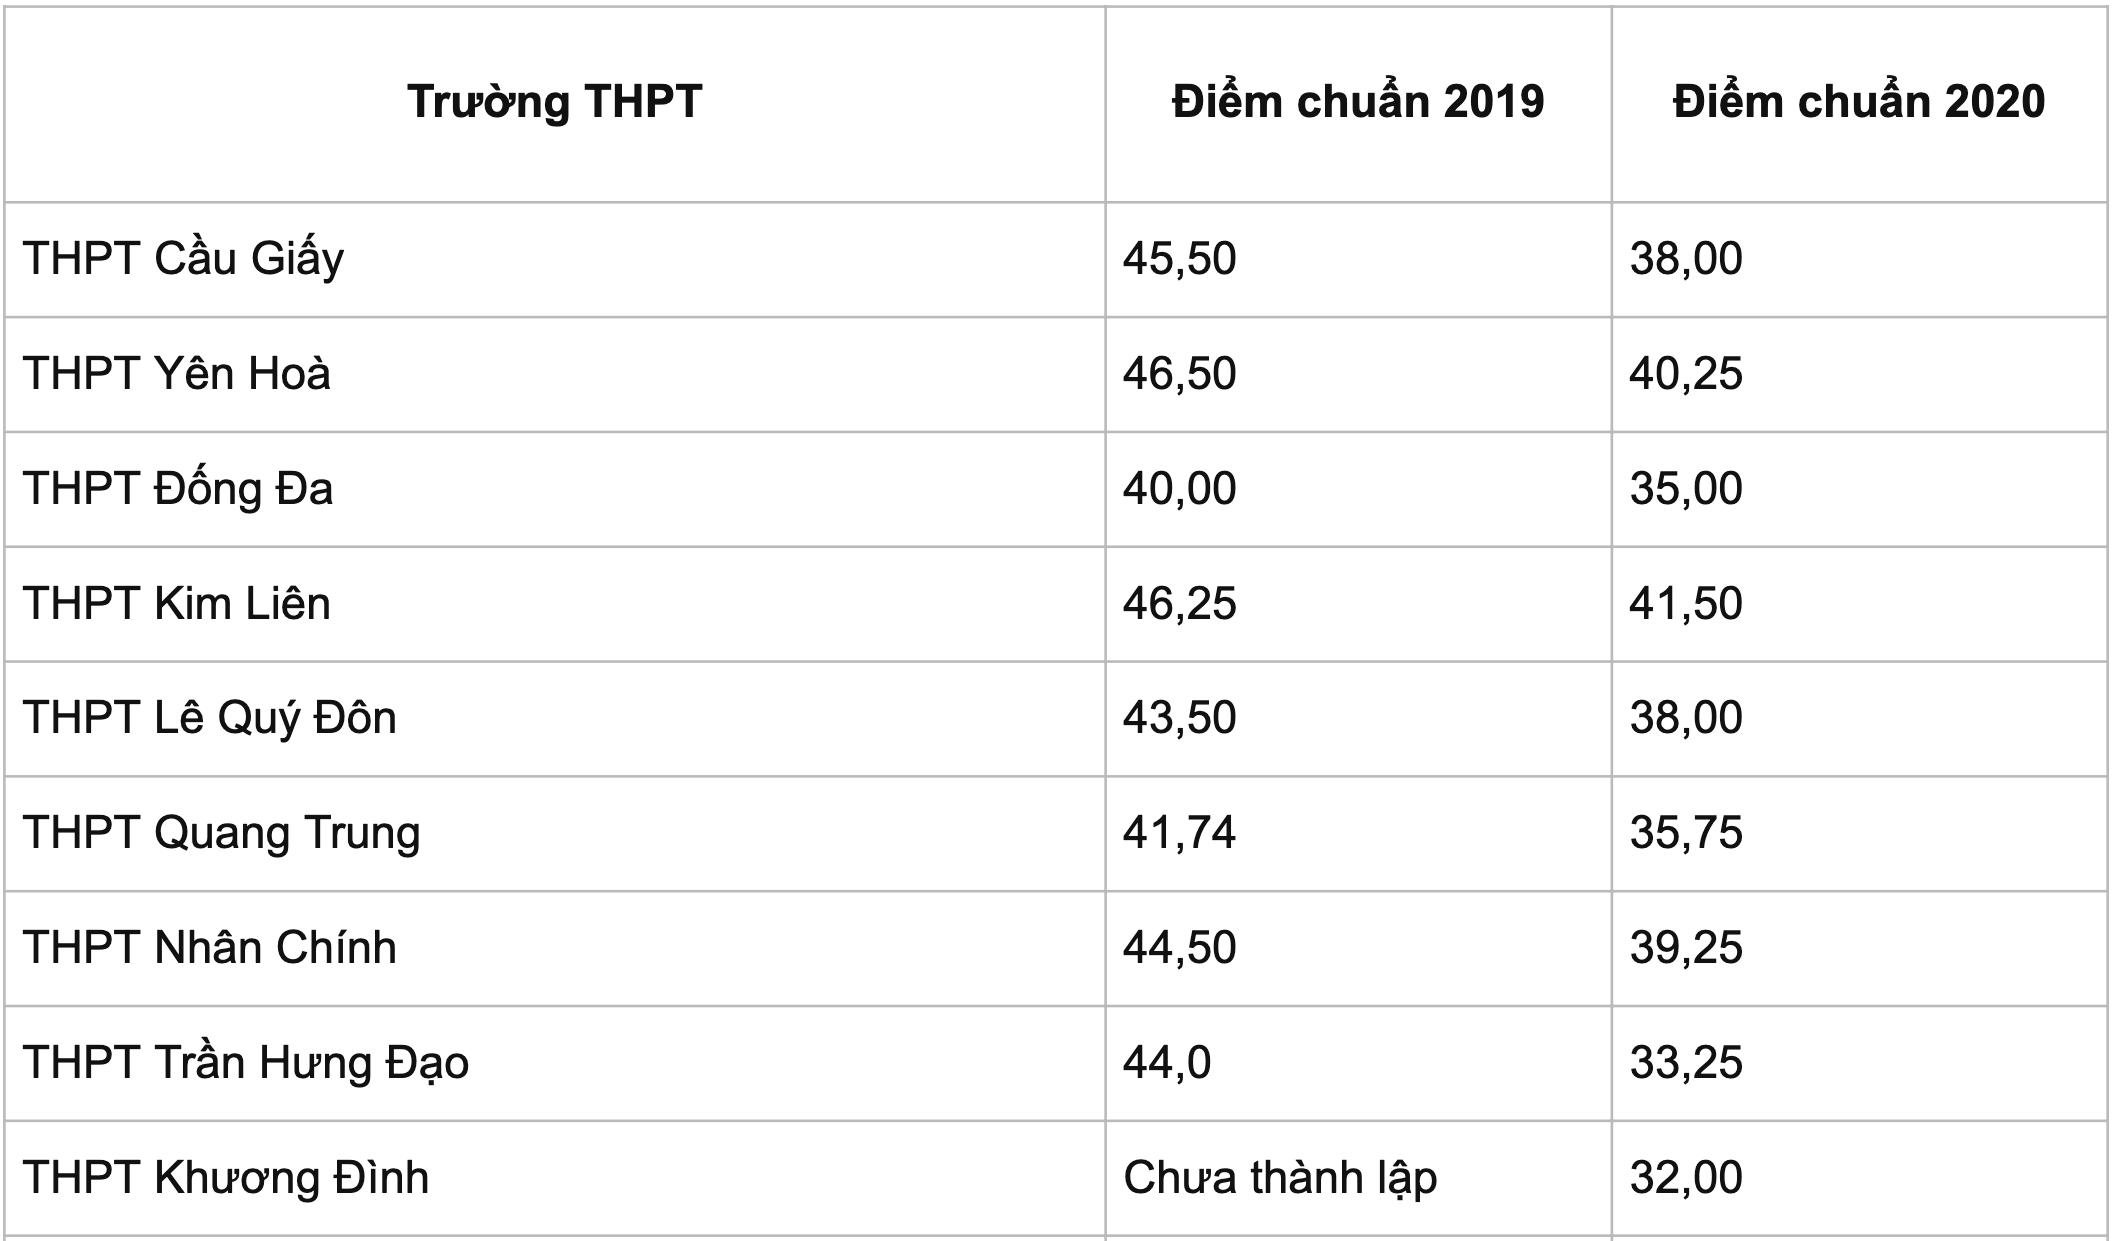 Thi lớp 10 ở Hà Nội: Dự kiến điểm thi, điểm chuẩn đều cao - 4